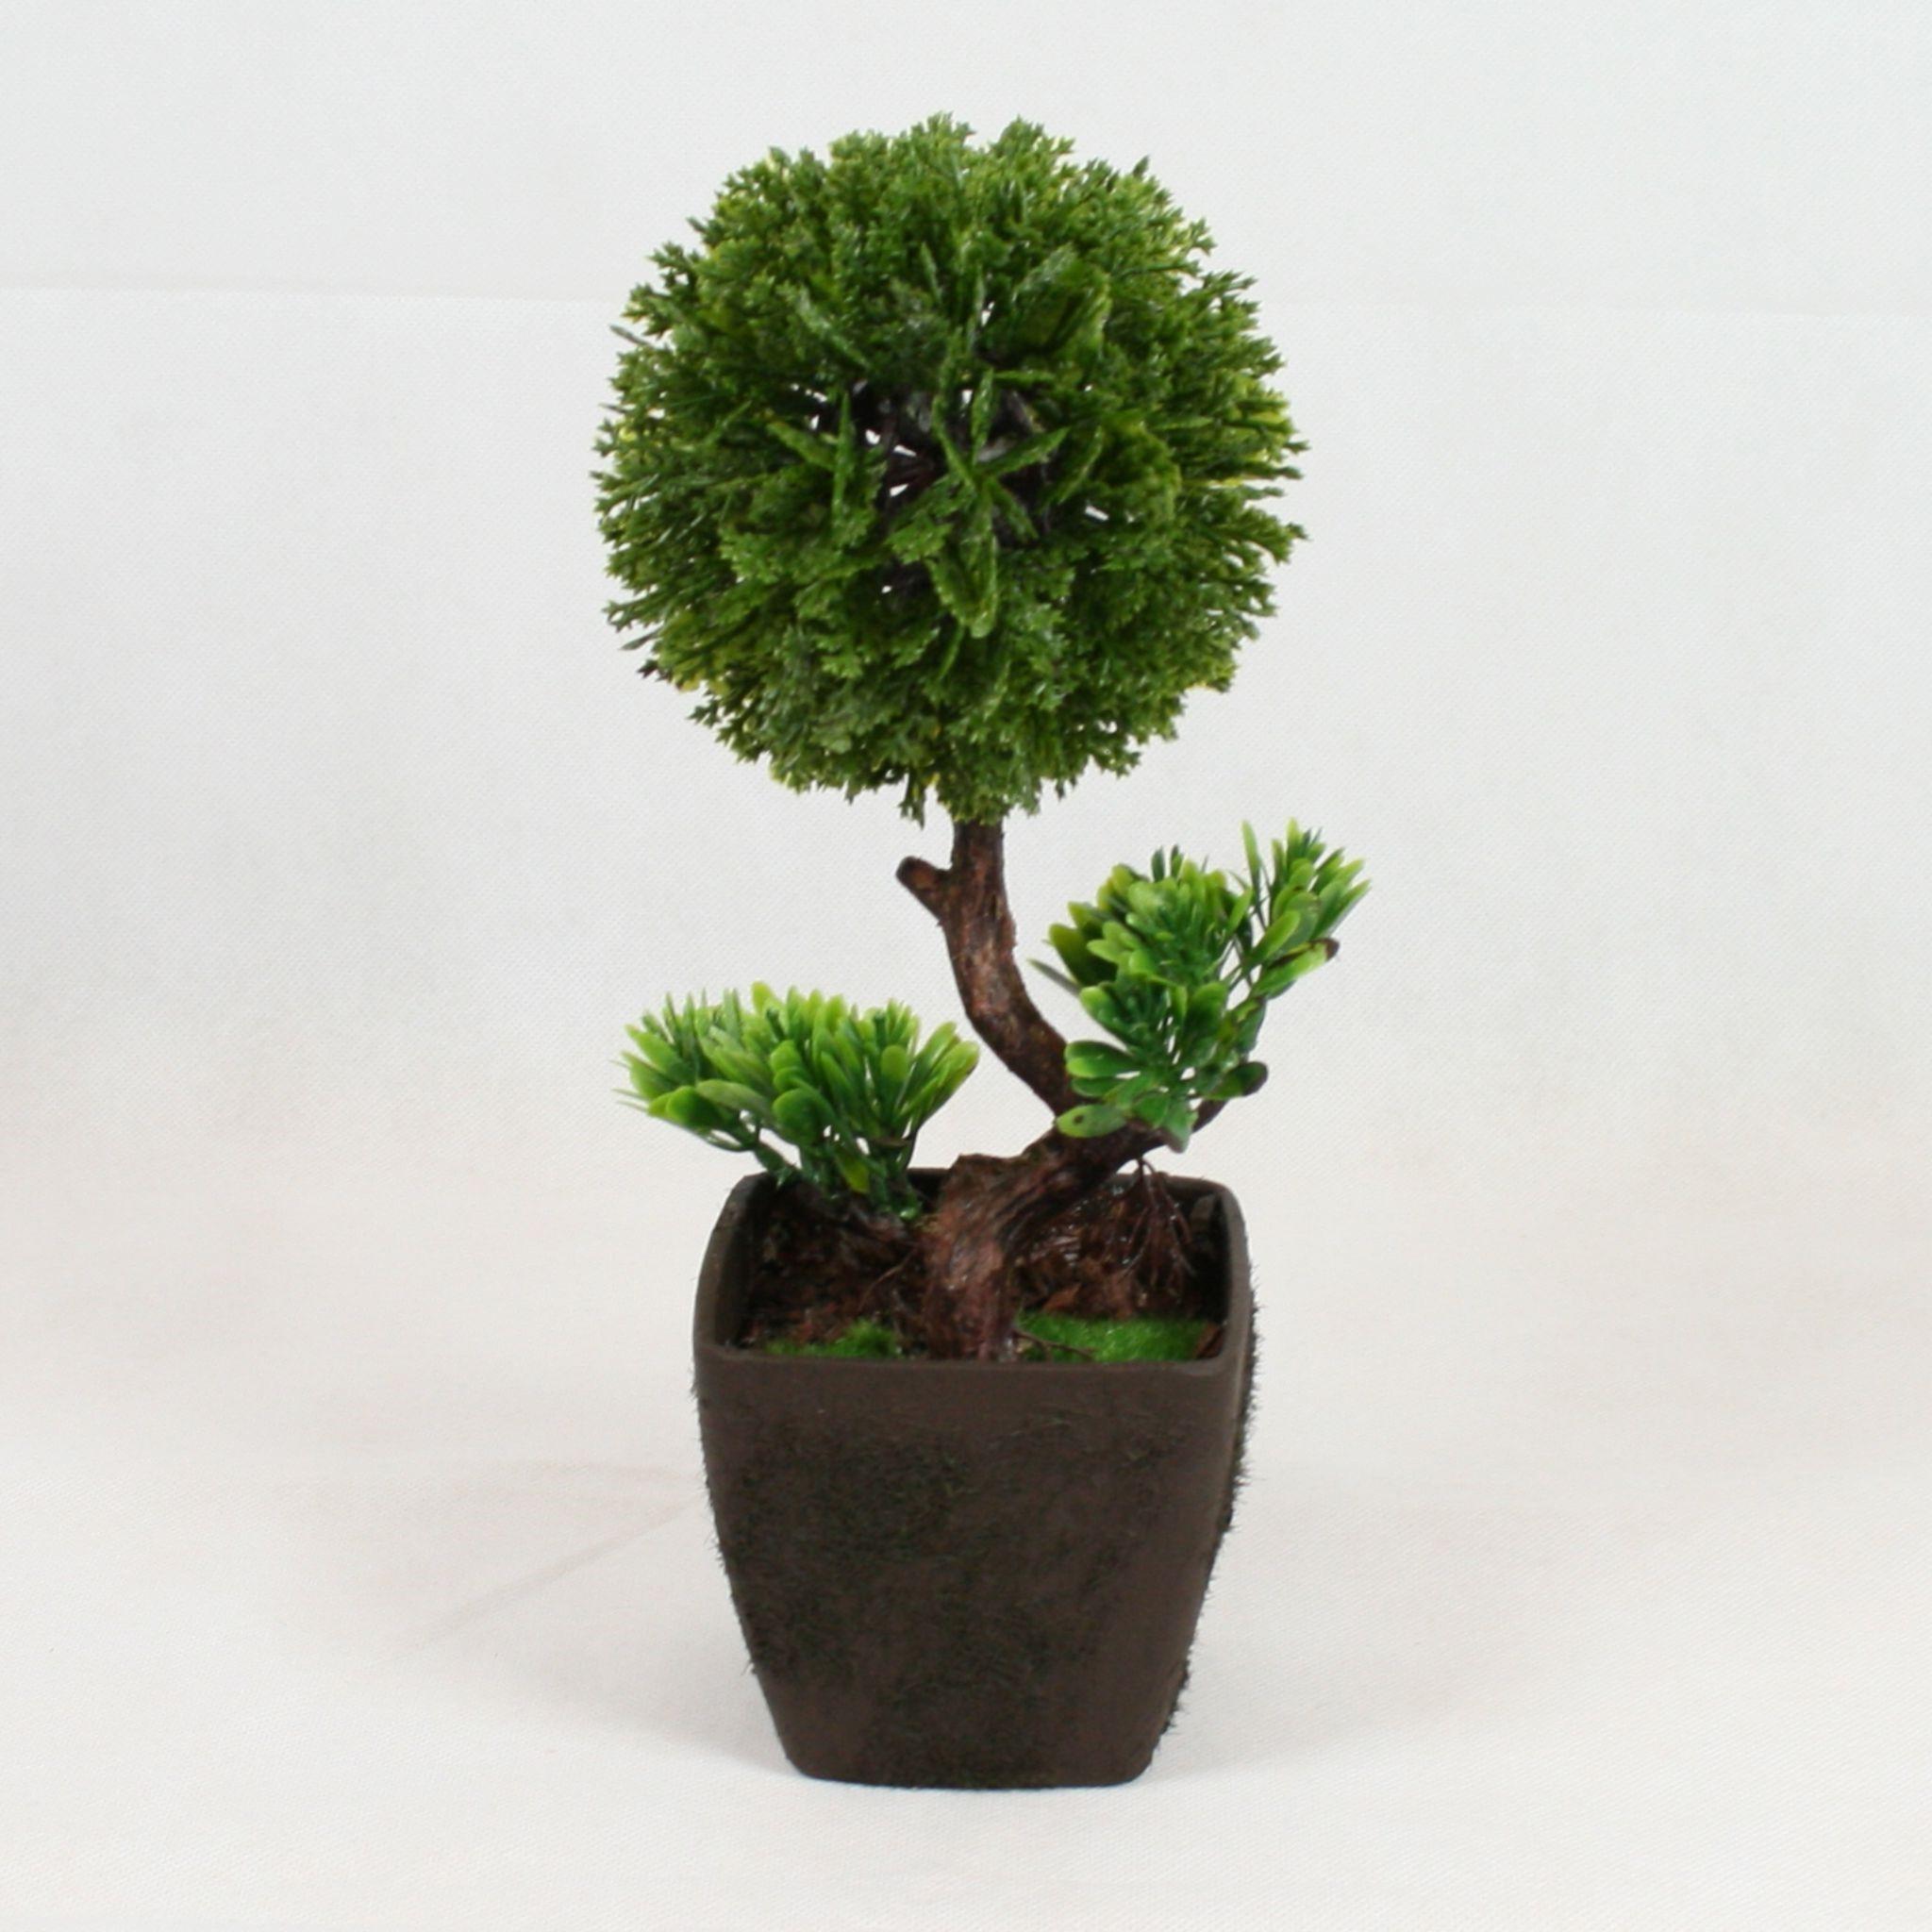 Le prix d'un bonsaï dépend beaucoup des techniques utilisées lors de la croissance de l'arbre.